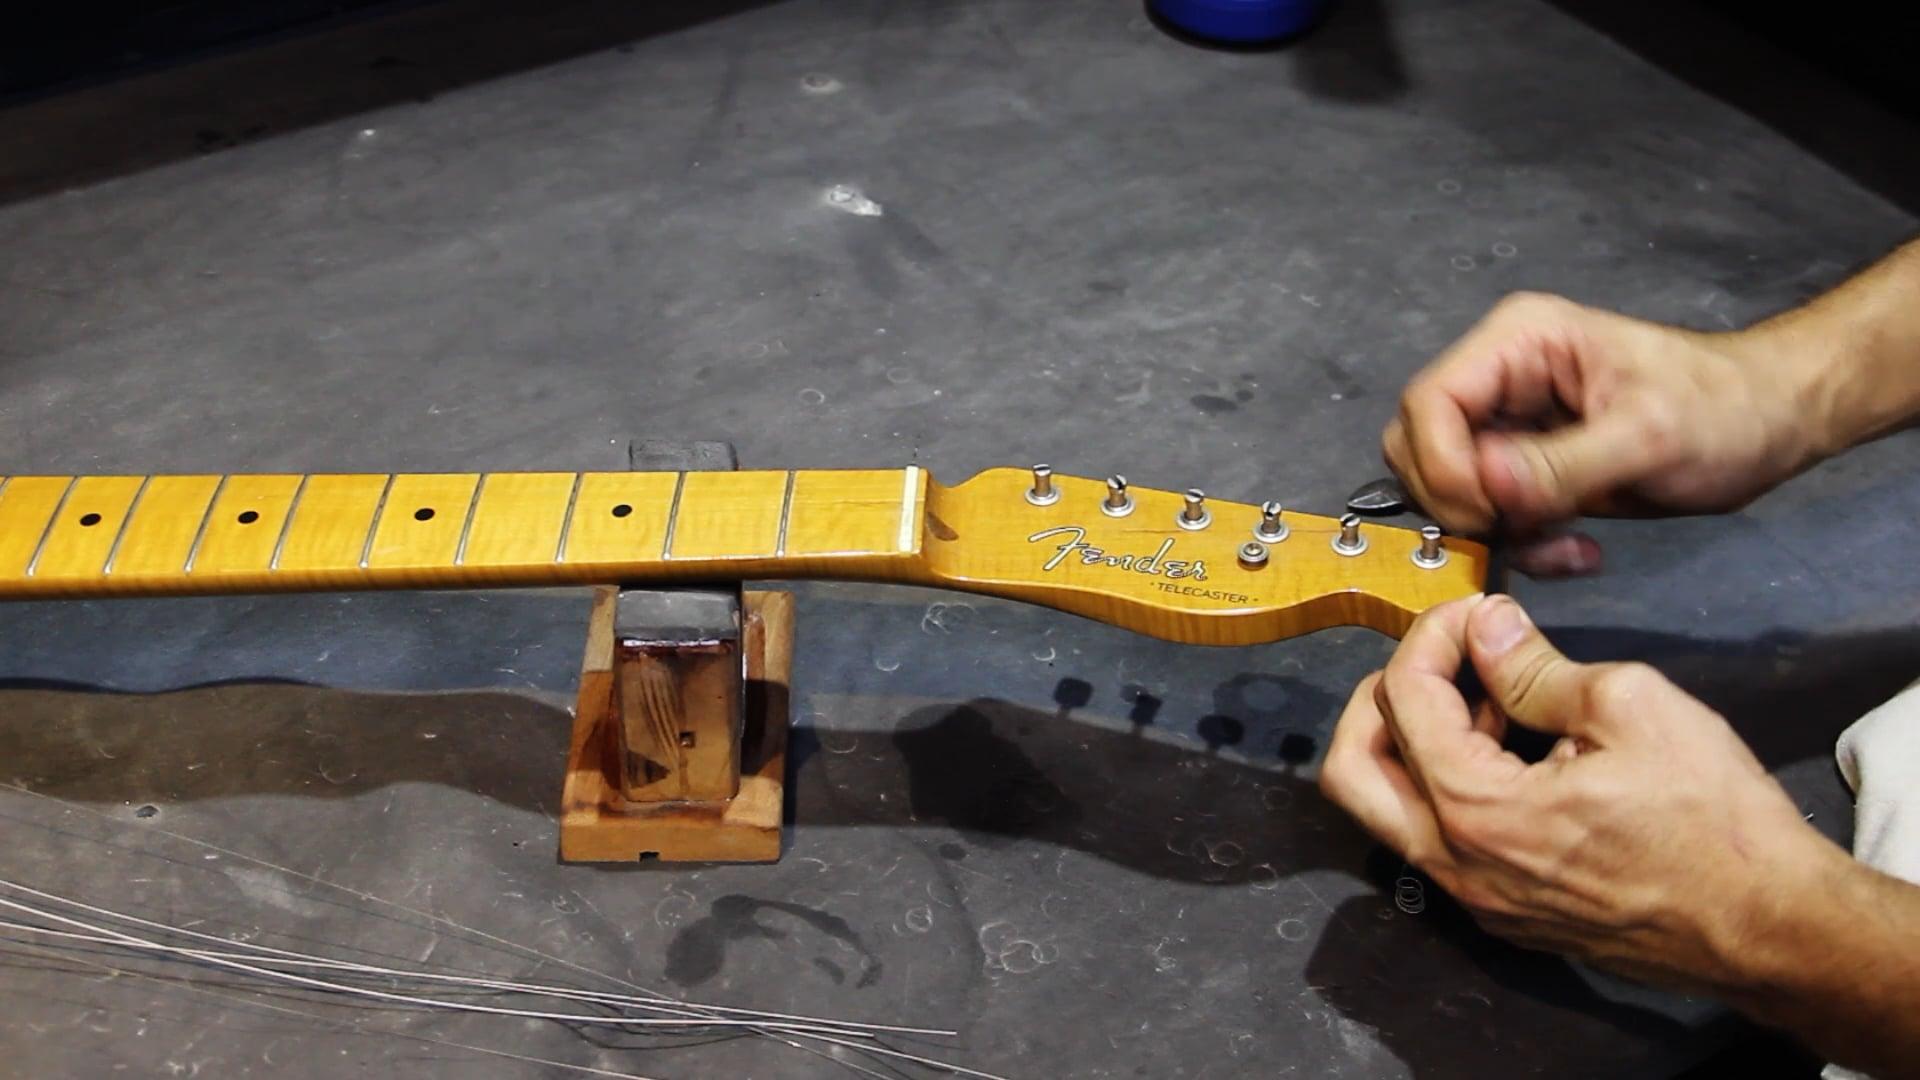 Manutenção para Guitarra Telecaster - Desmontagem e Limpeza do Braço